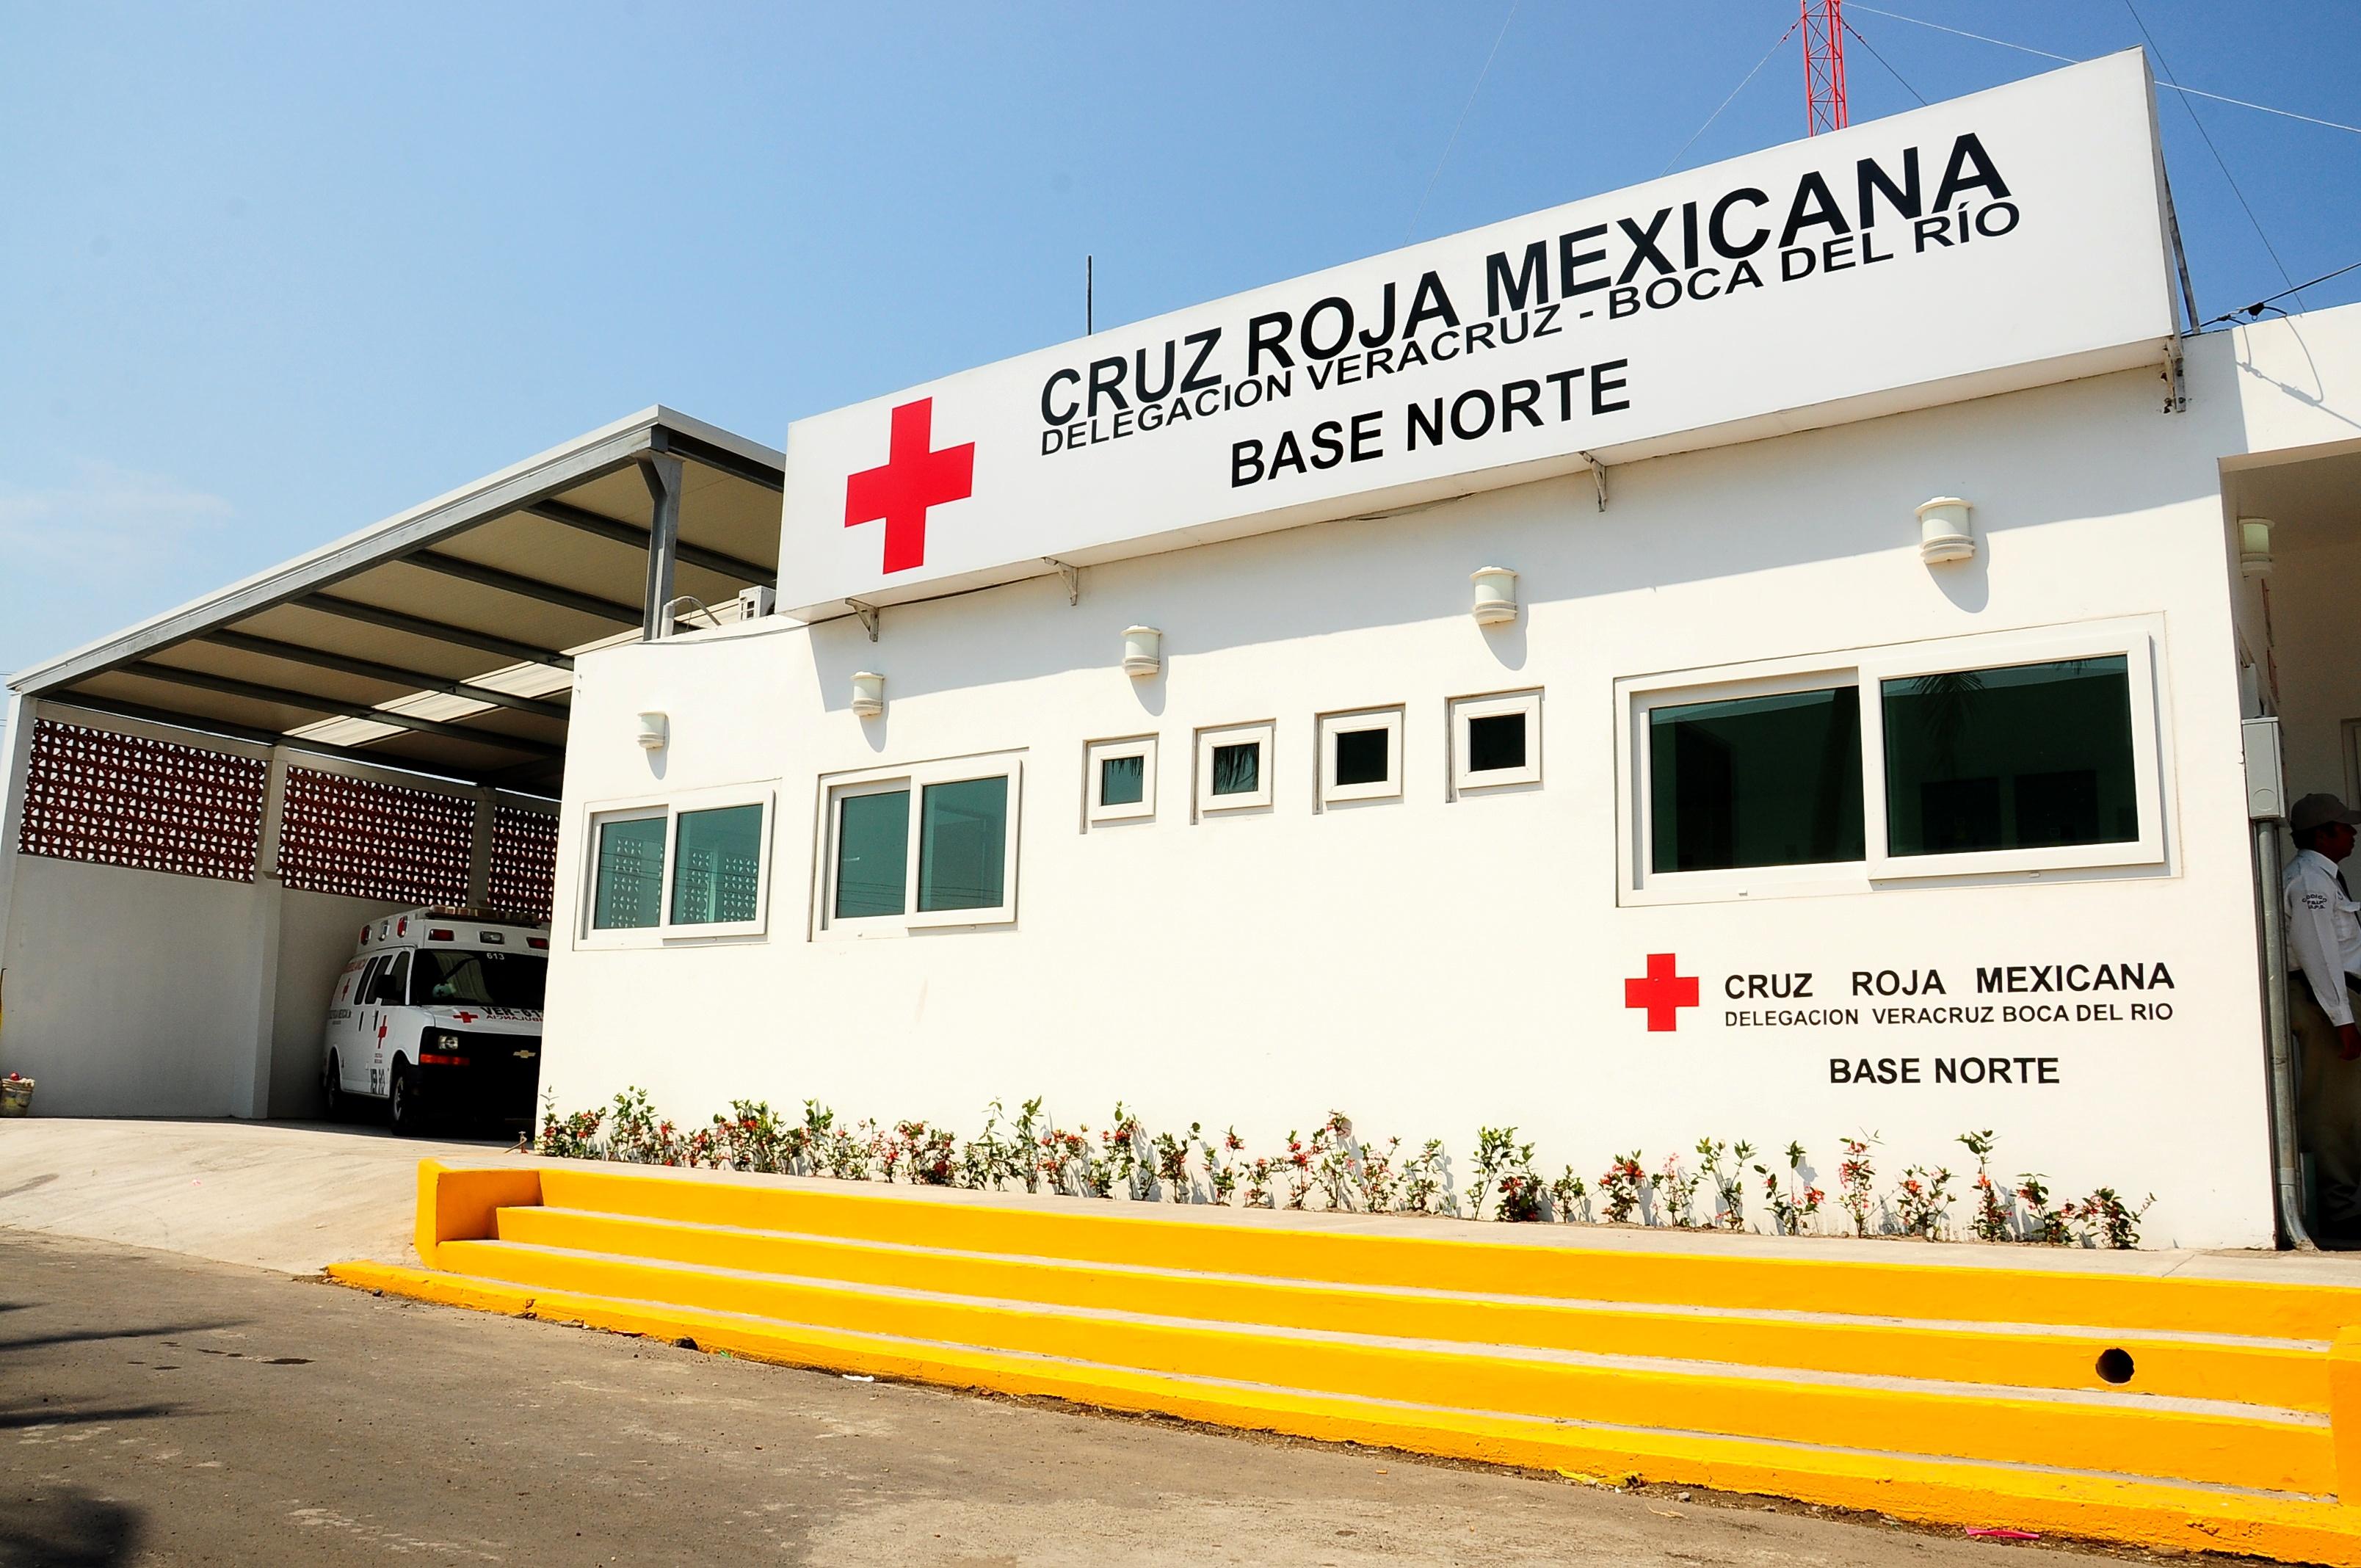 Se hicieron enfermos para asaltar pacientes y médicos de la Cruz Roja